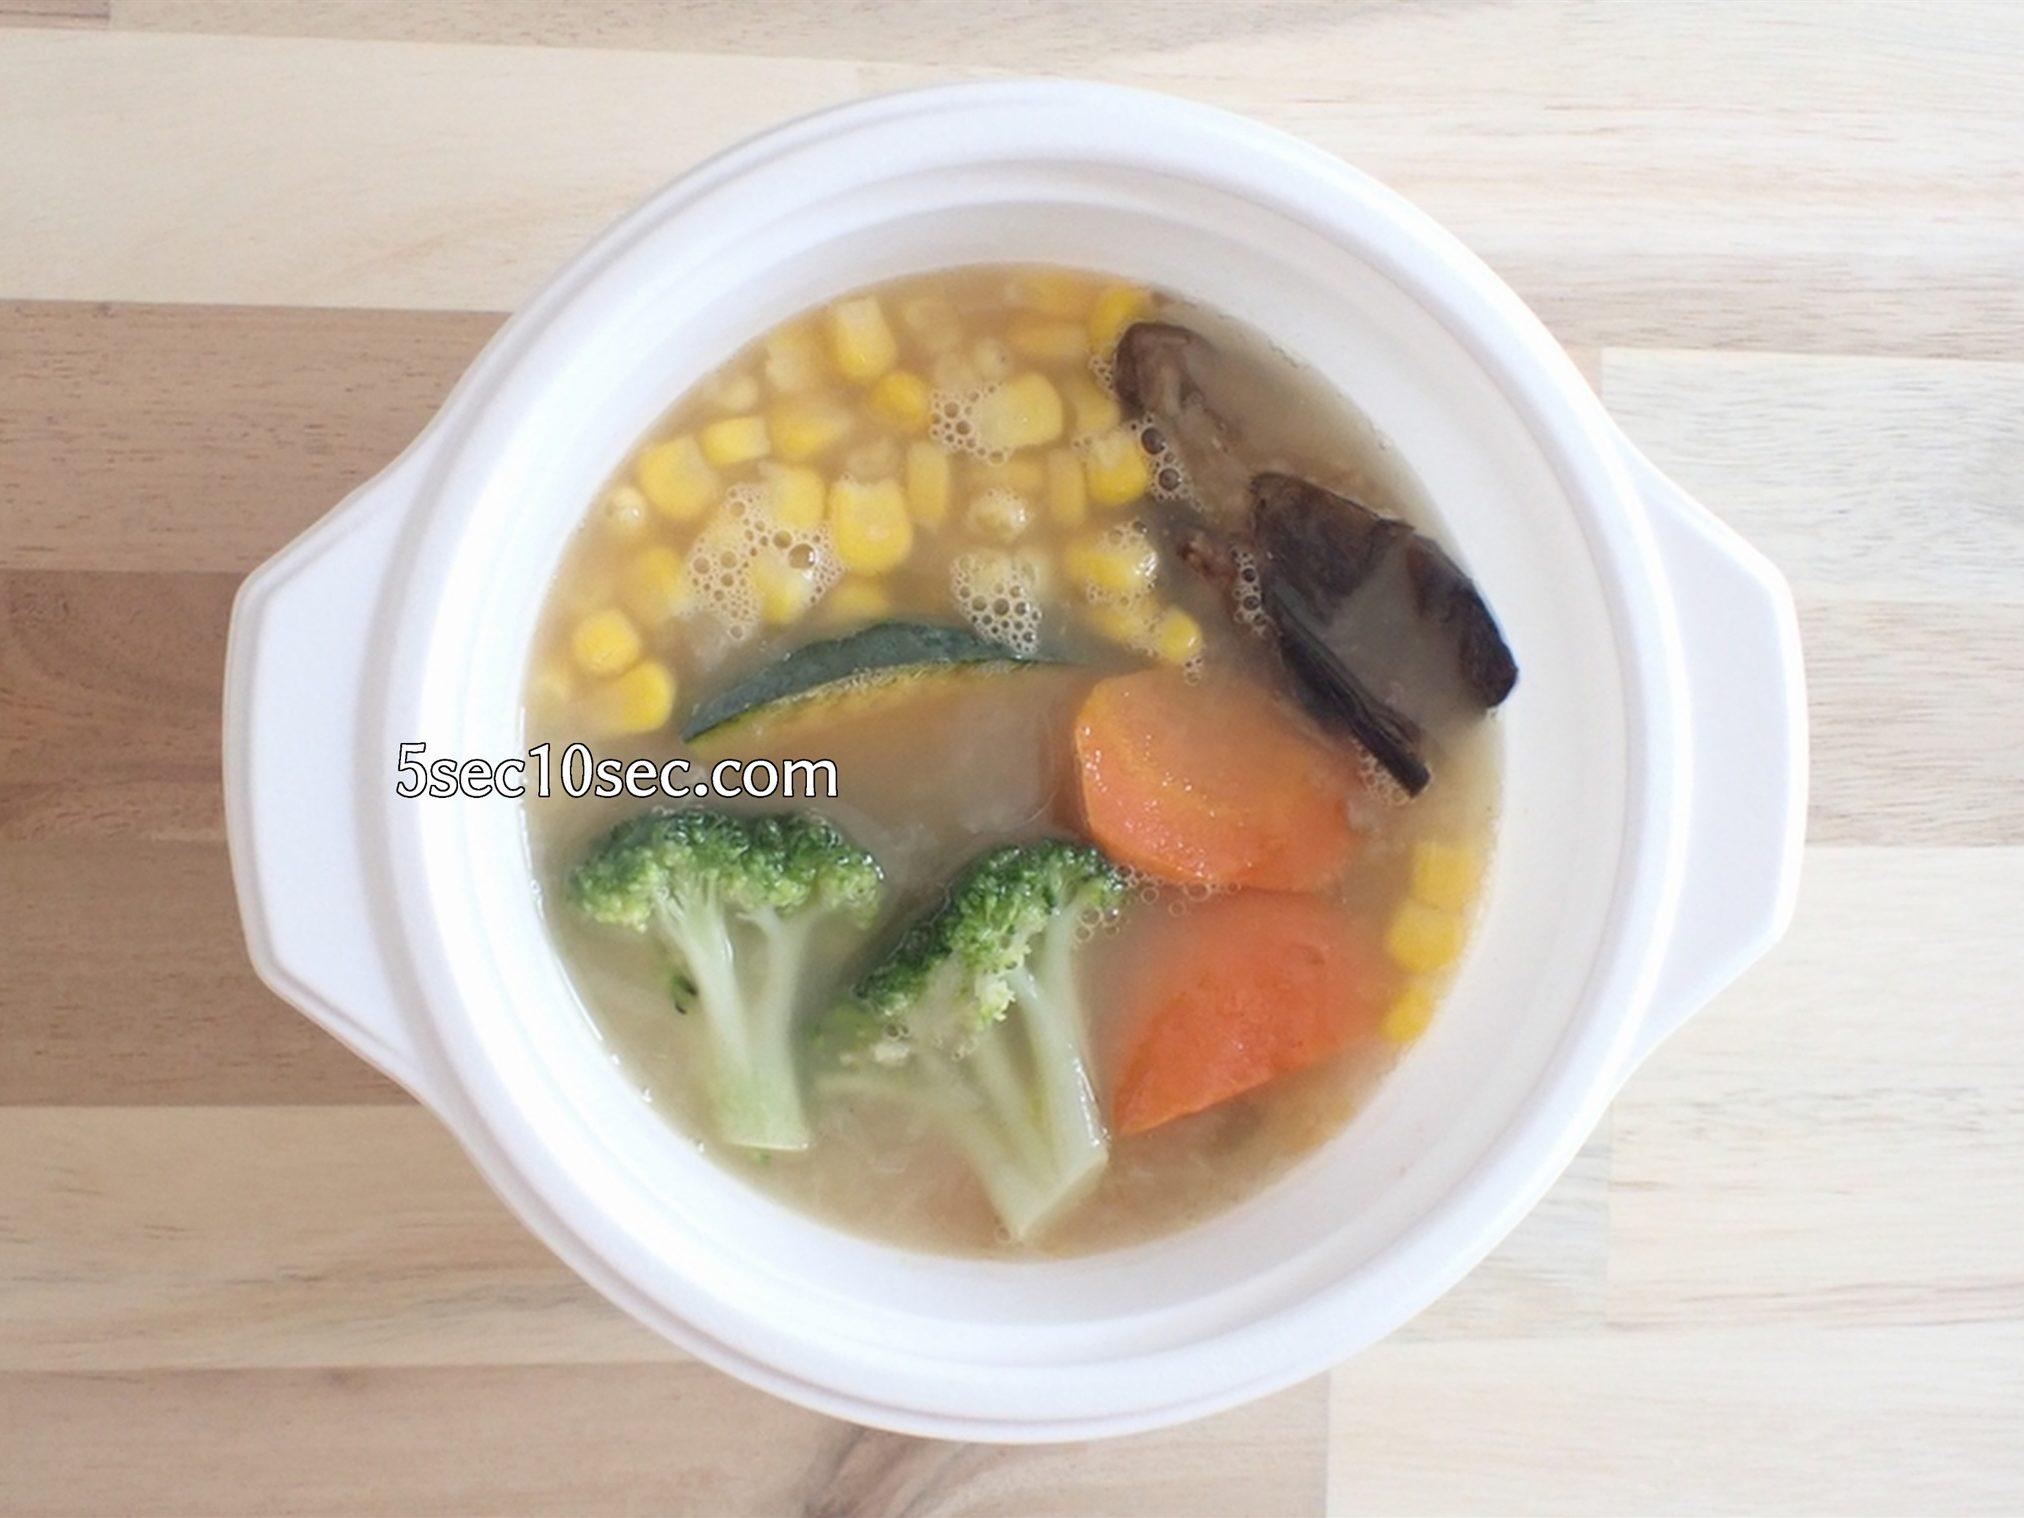 宅配弁当 ウェルネスダイニング ベジ活スープ食 ミックス野菜 電子レンジで解凍後の写真